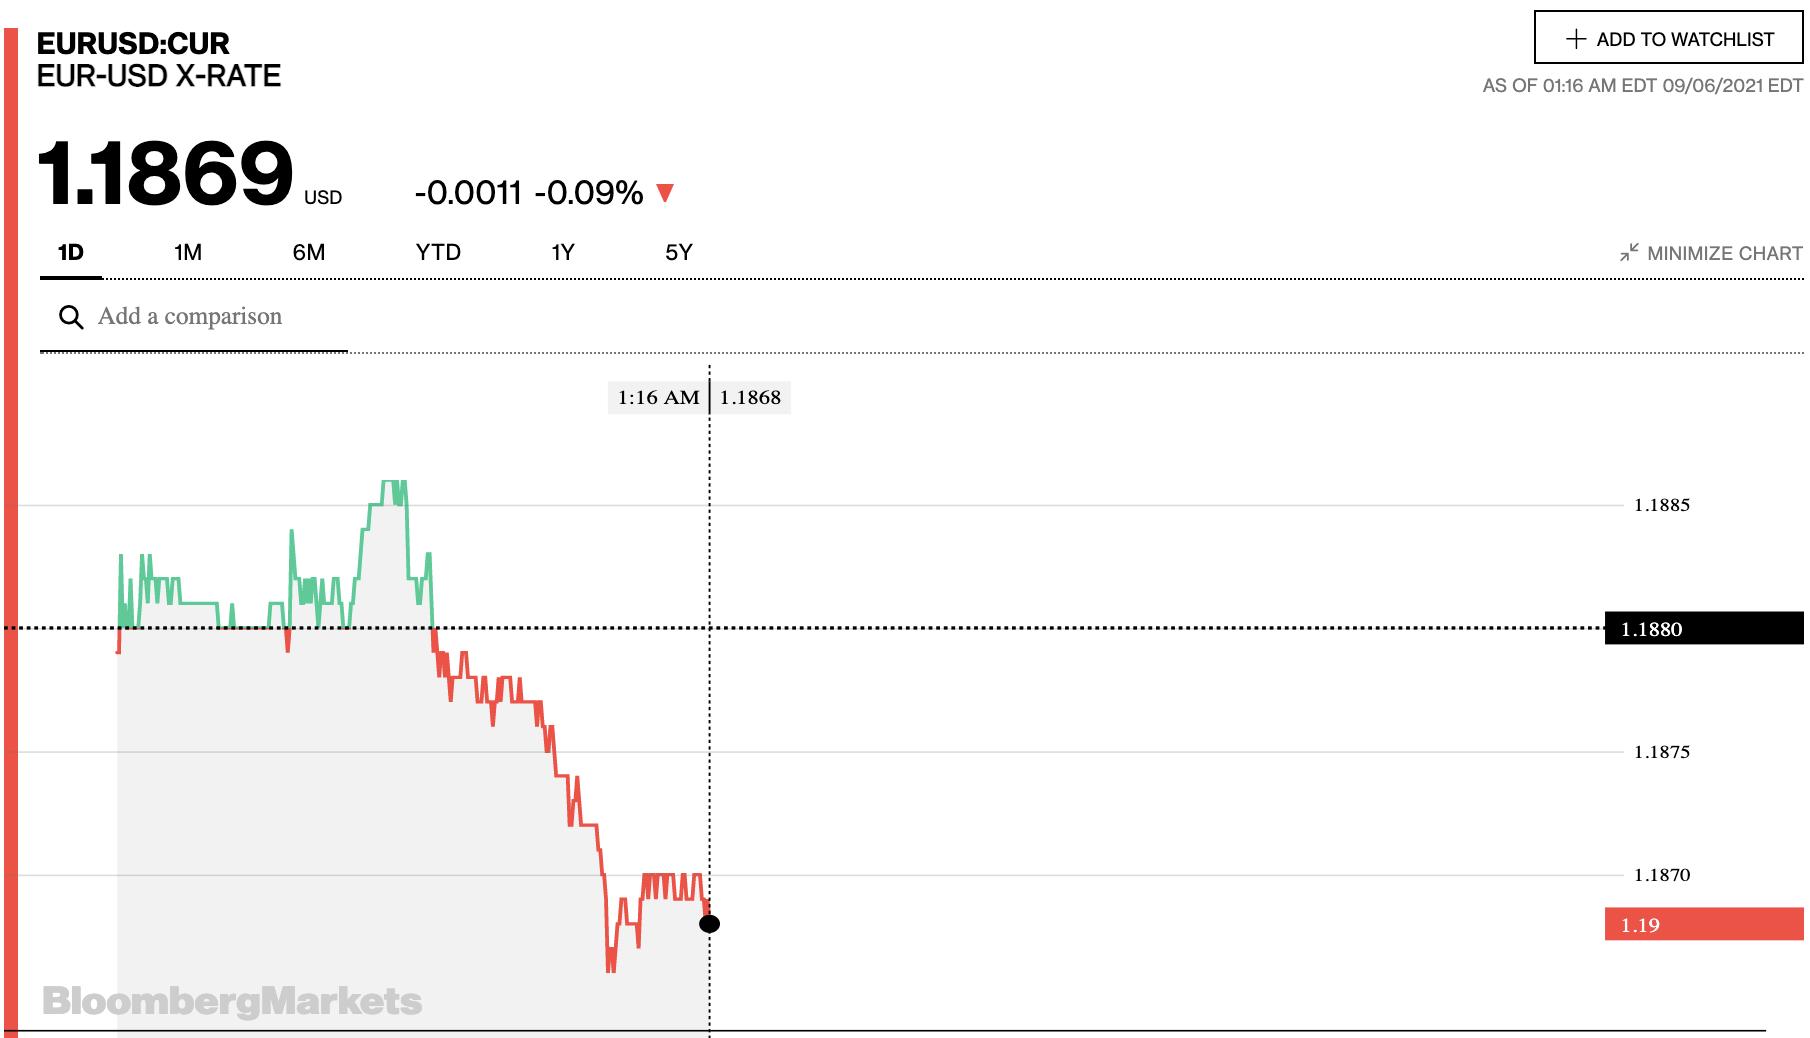 Tỷ giá euro hôm nay 16/9: Các ngân hàng và thị trường chợ đen đồng loạt quay đầu tăng - Ảnh 2.